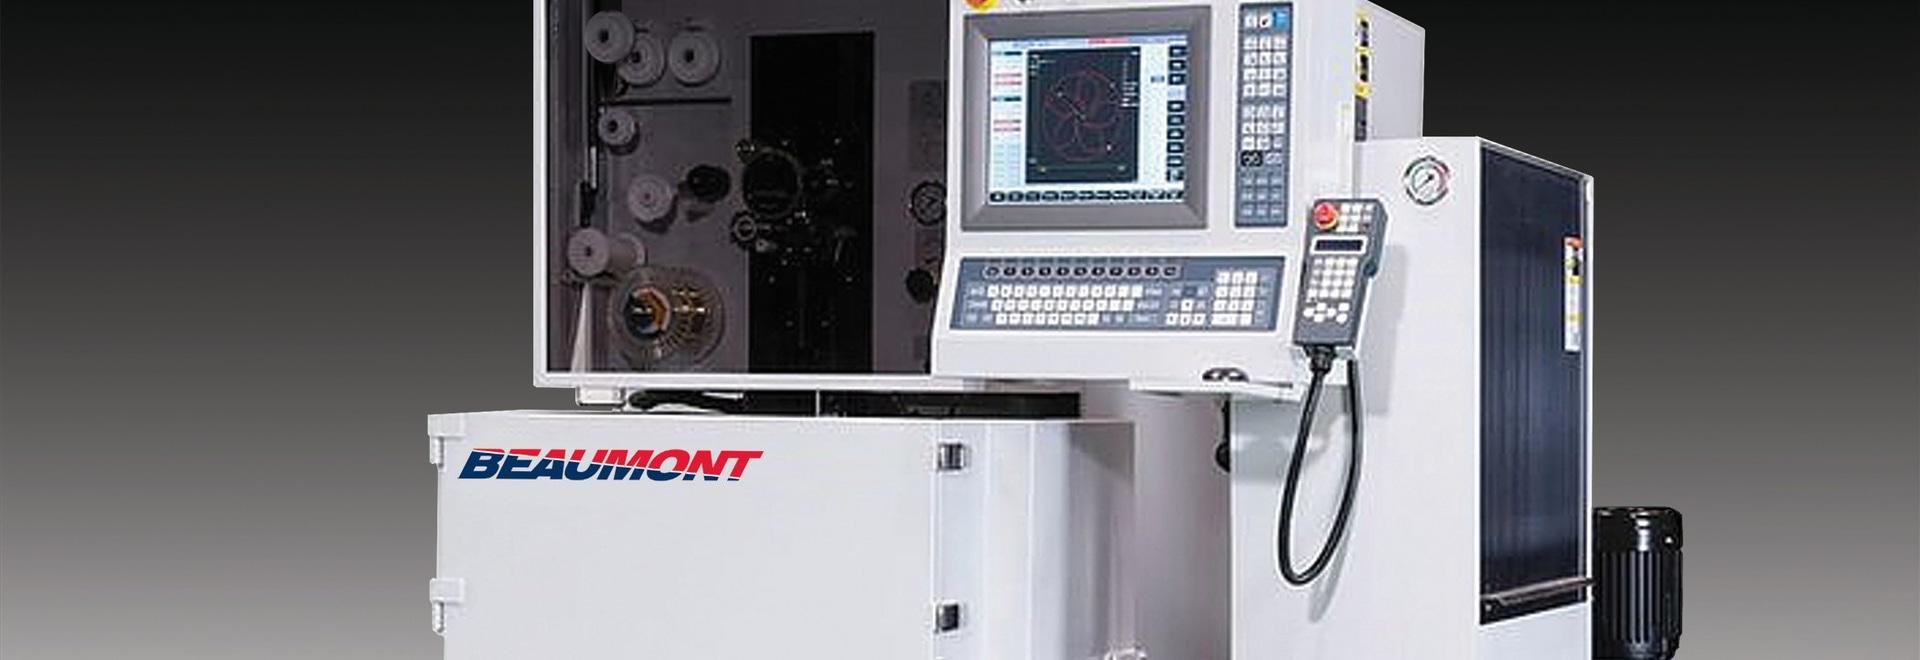 Beaumont Machine propose une nouvelle machine d'électroérosion à prix avantageux